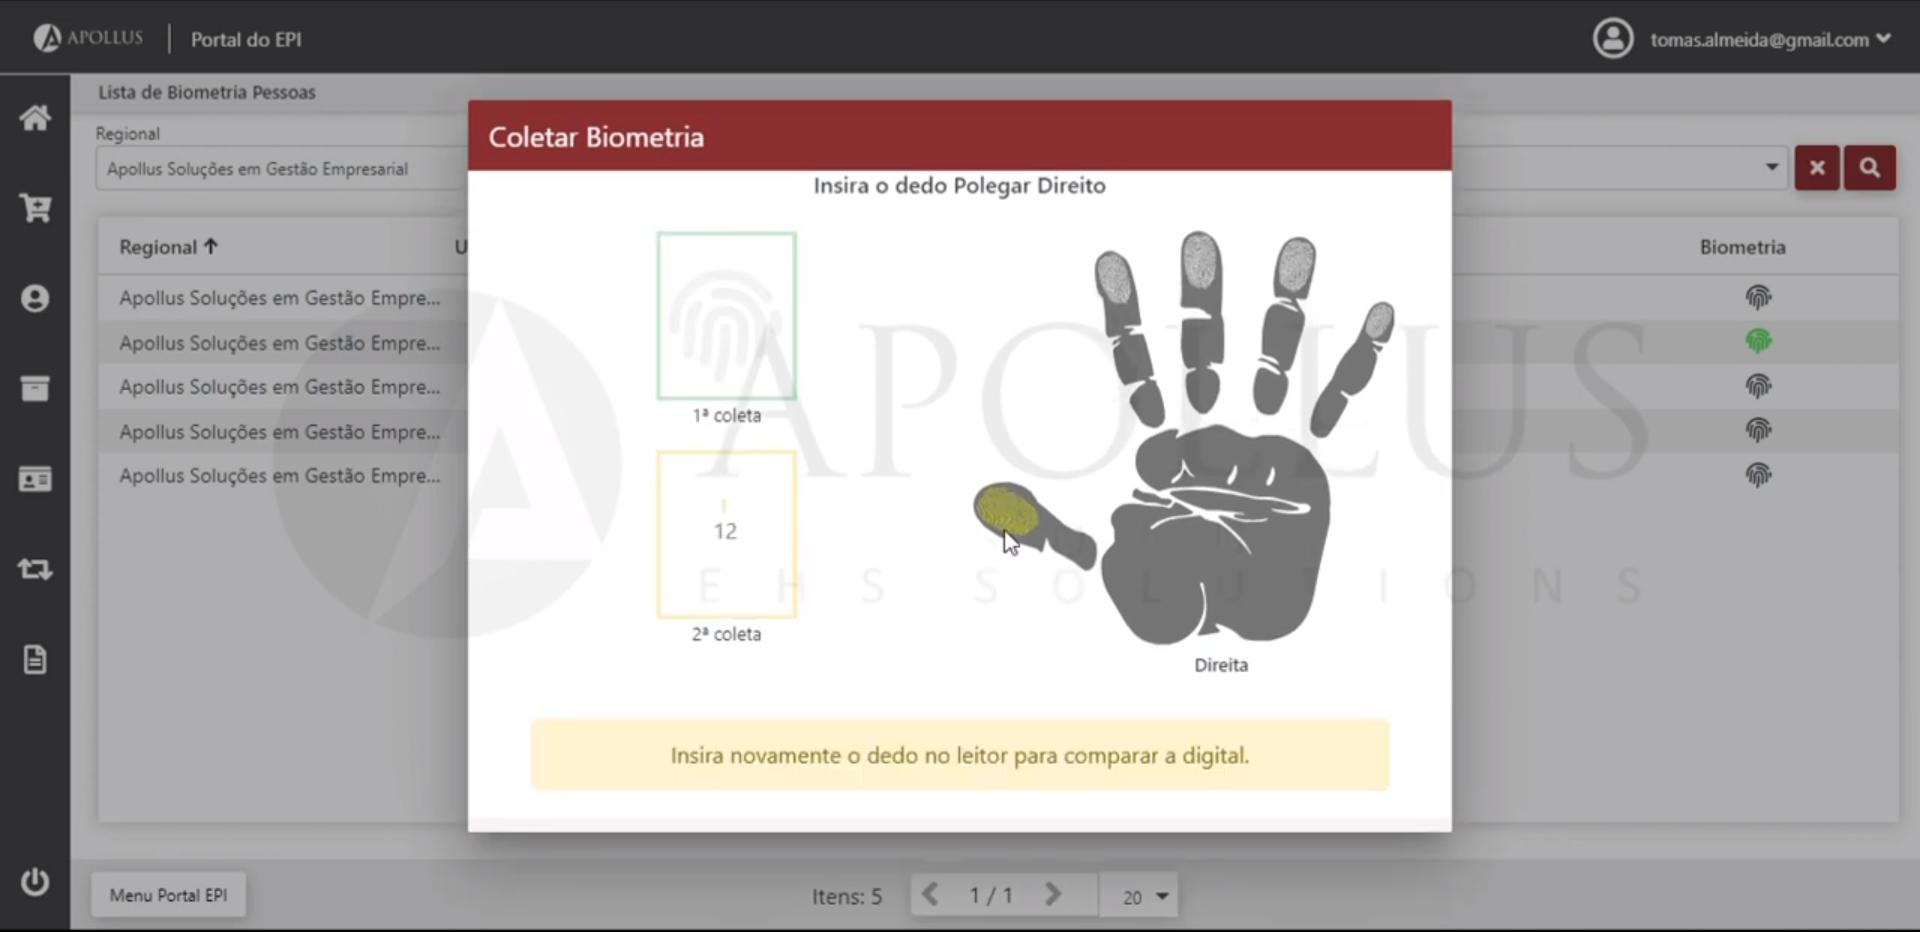 Portal de Entrega de EPI do Software Apollus